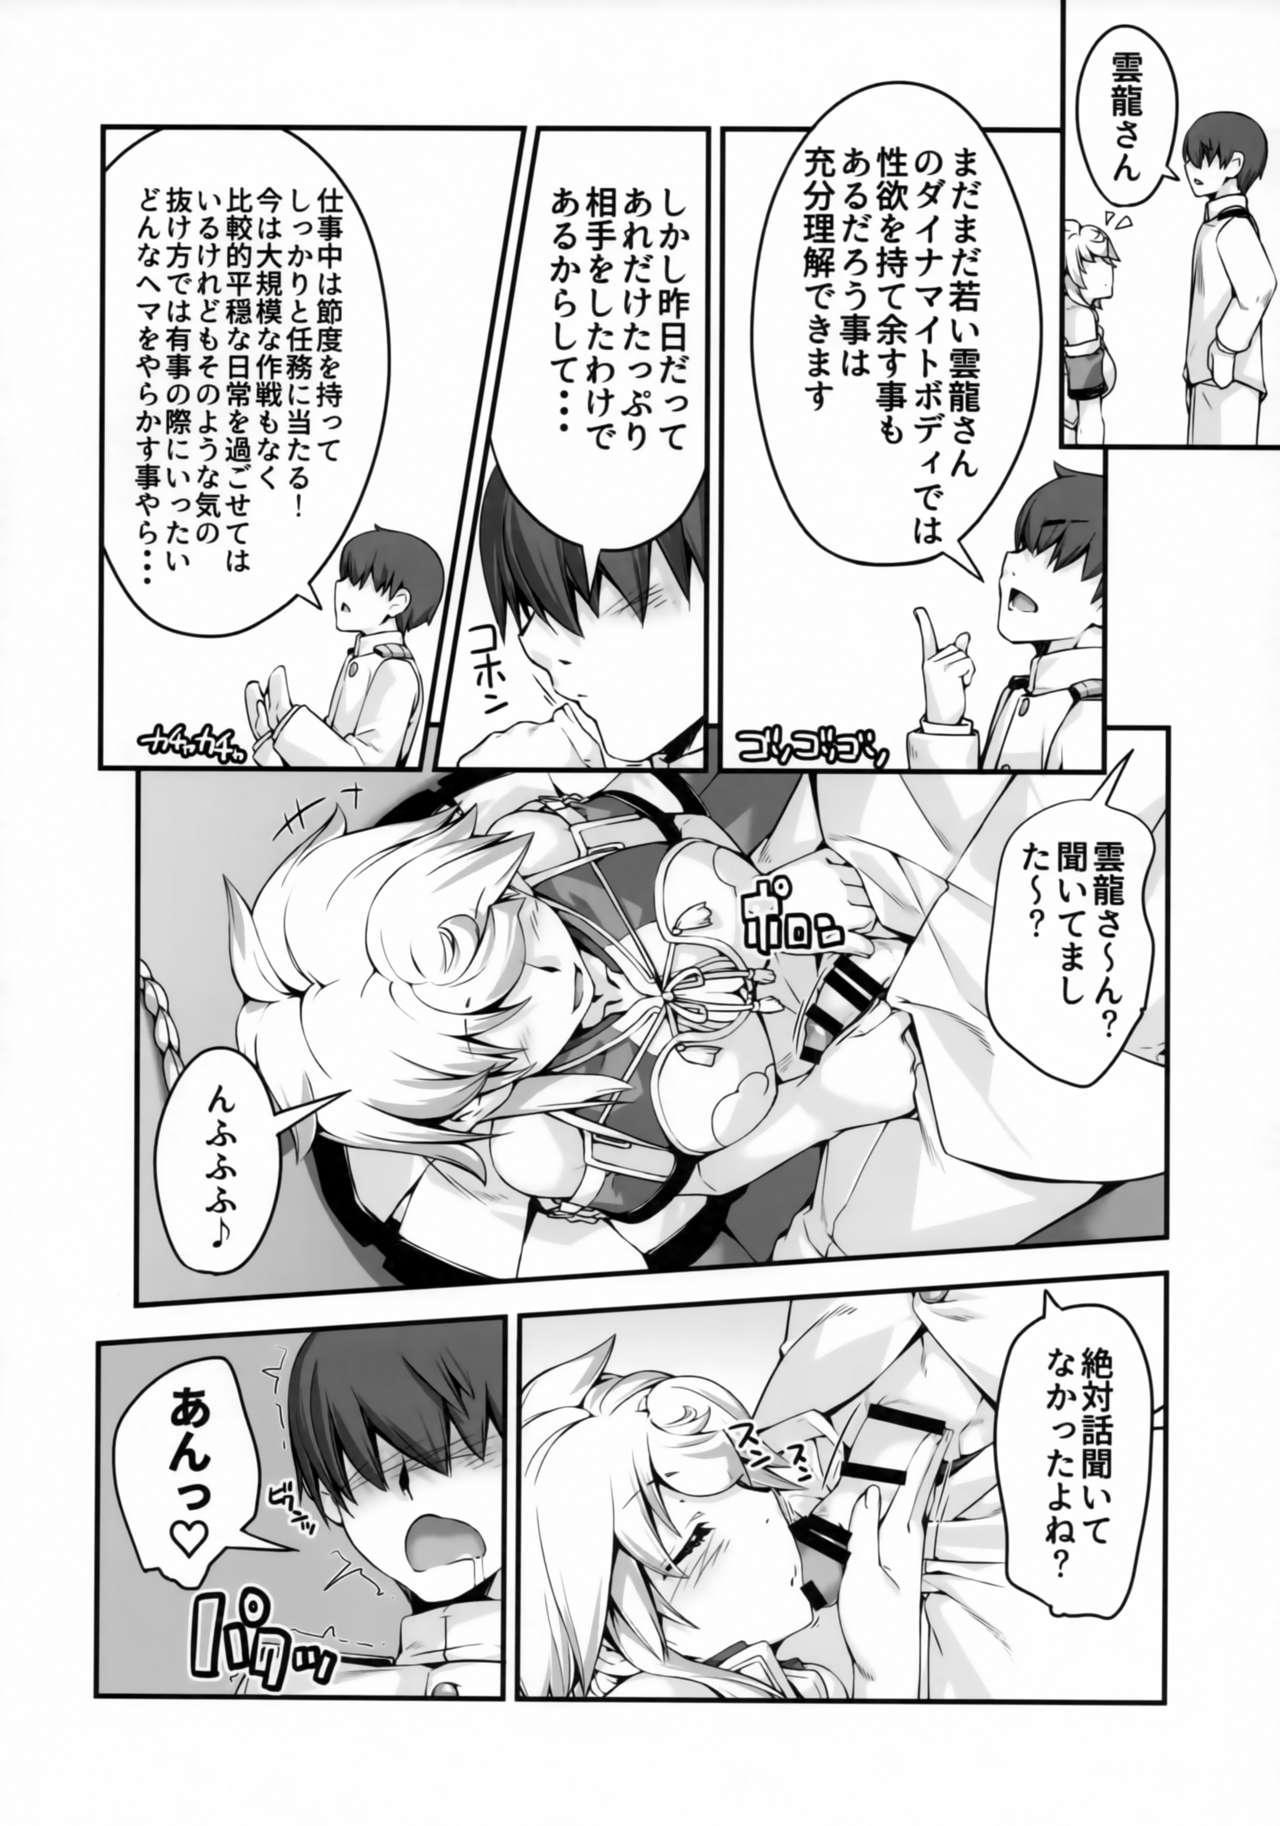 Unryuu-san wa Ecchi ga Shitai 3